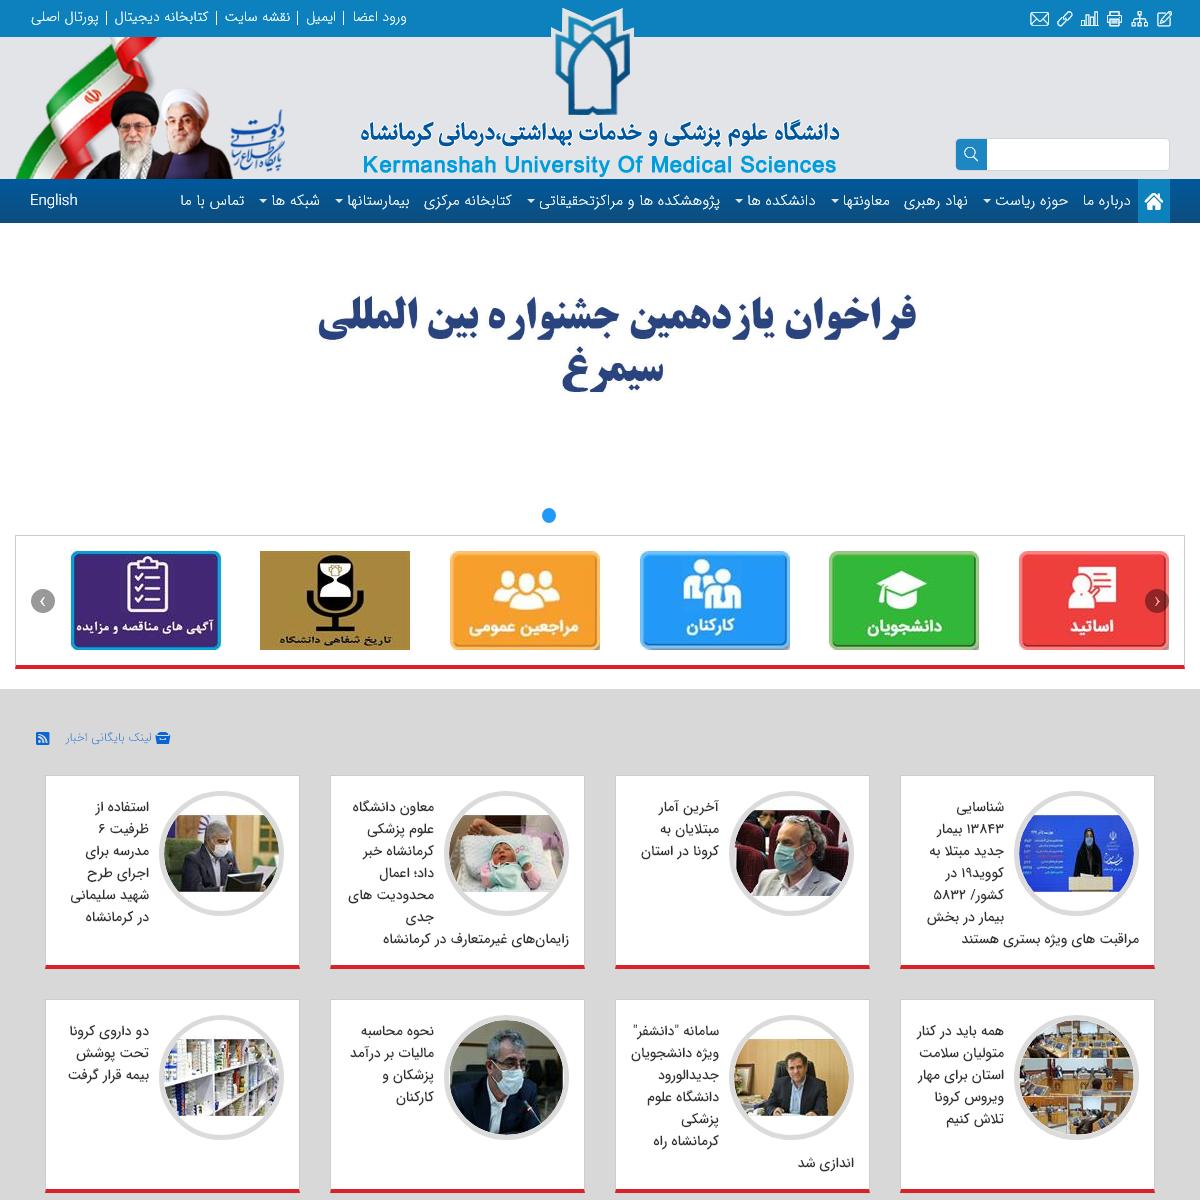 دانشگاه علوم پزشکی و خدمات بهداشتی ، درمانی کرمانشاه